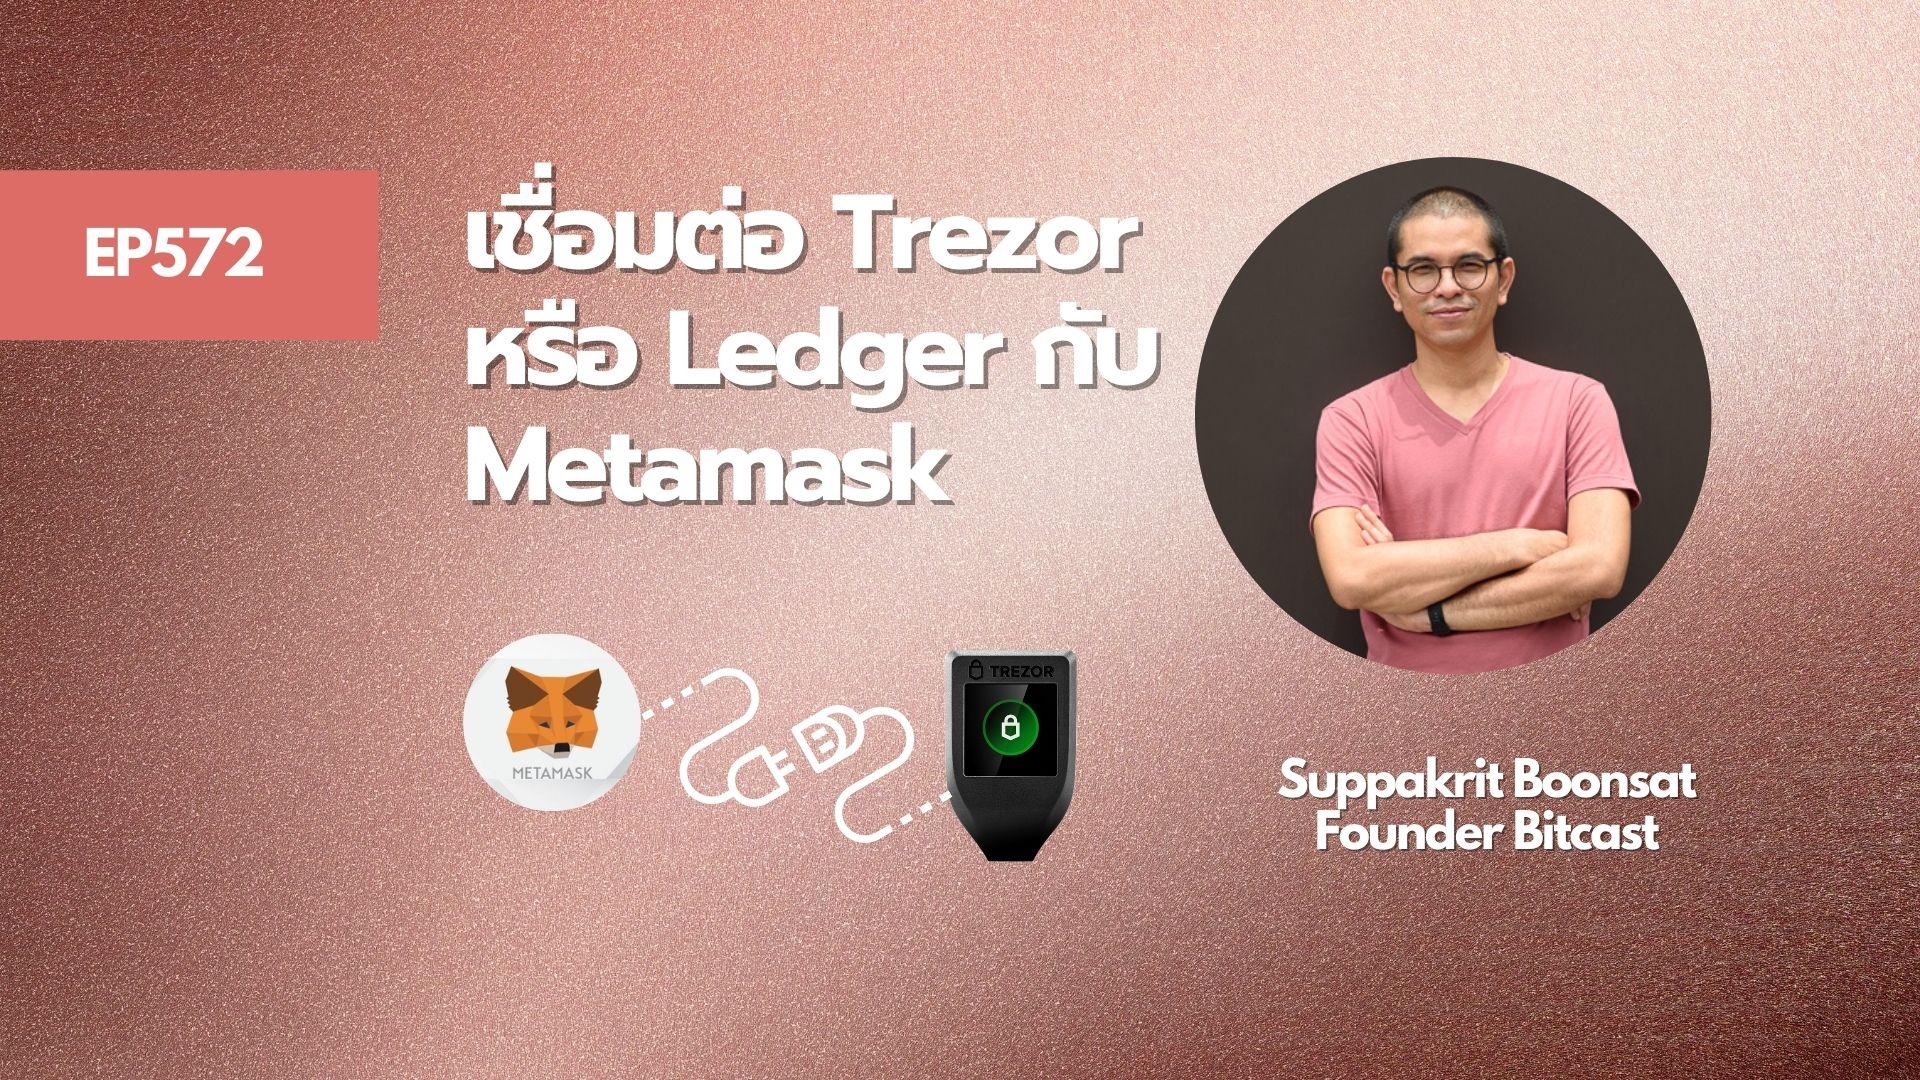 วิธีการเชื่อมต่อ Hardware Wallet อย่าง Ledger หรือ Trezor กับ Metamask และปรับให้รองรับ BSC